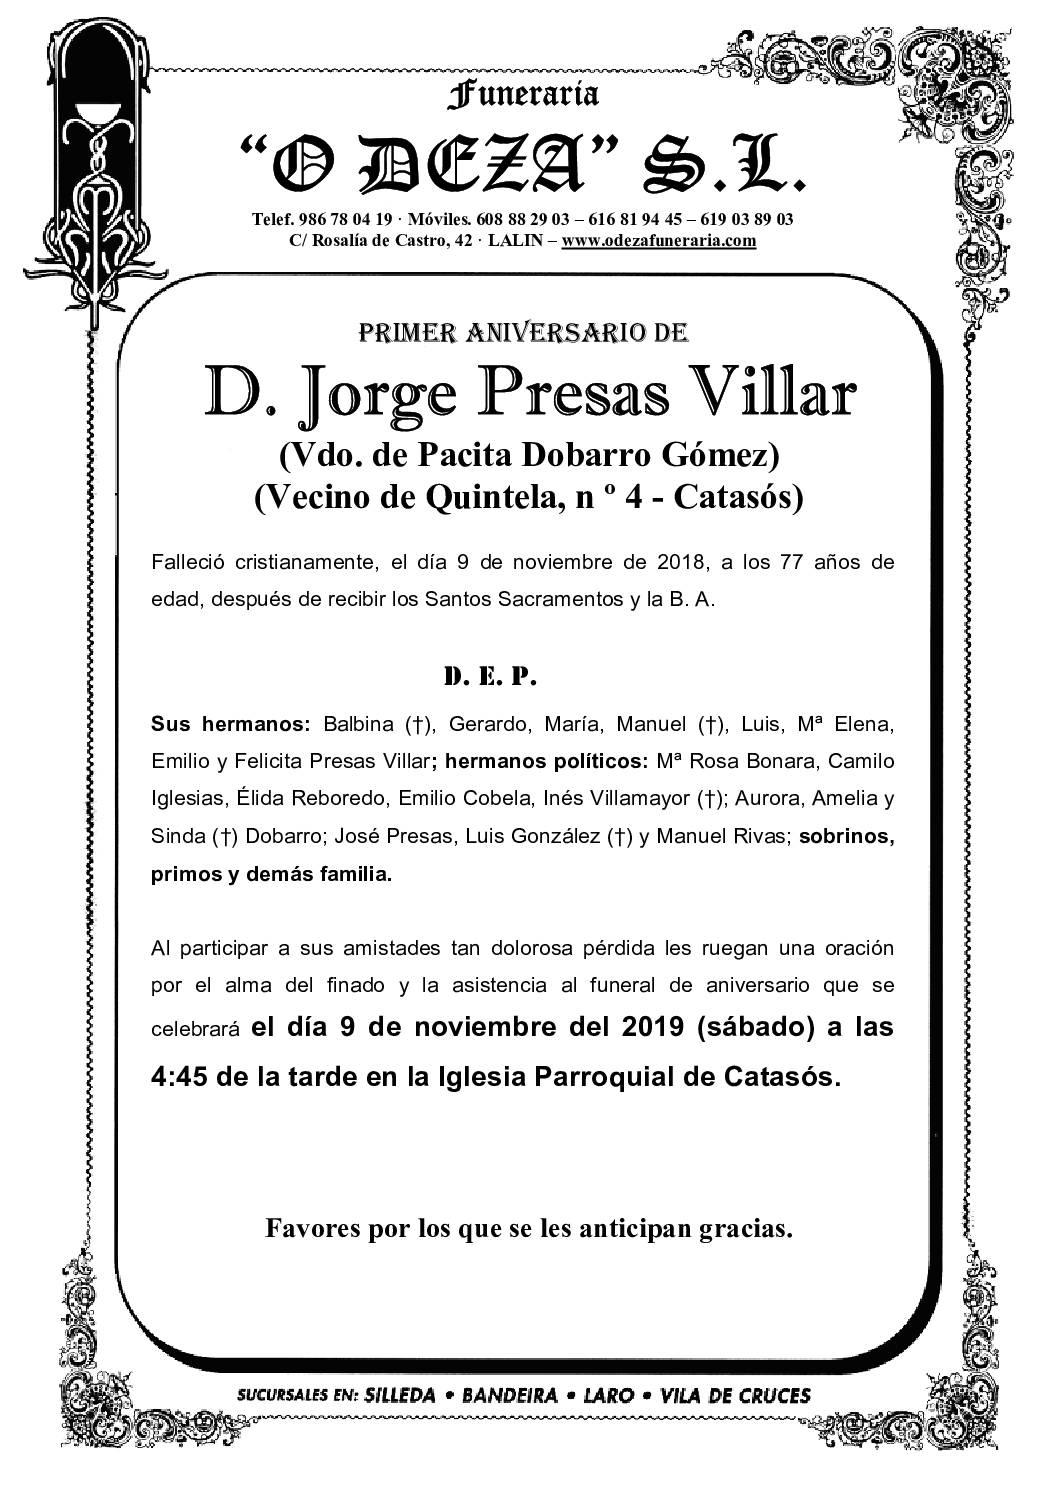 D. JORGE PRESAS VILLAR